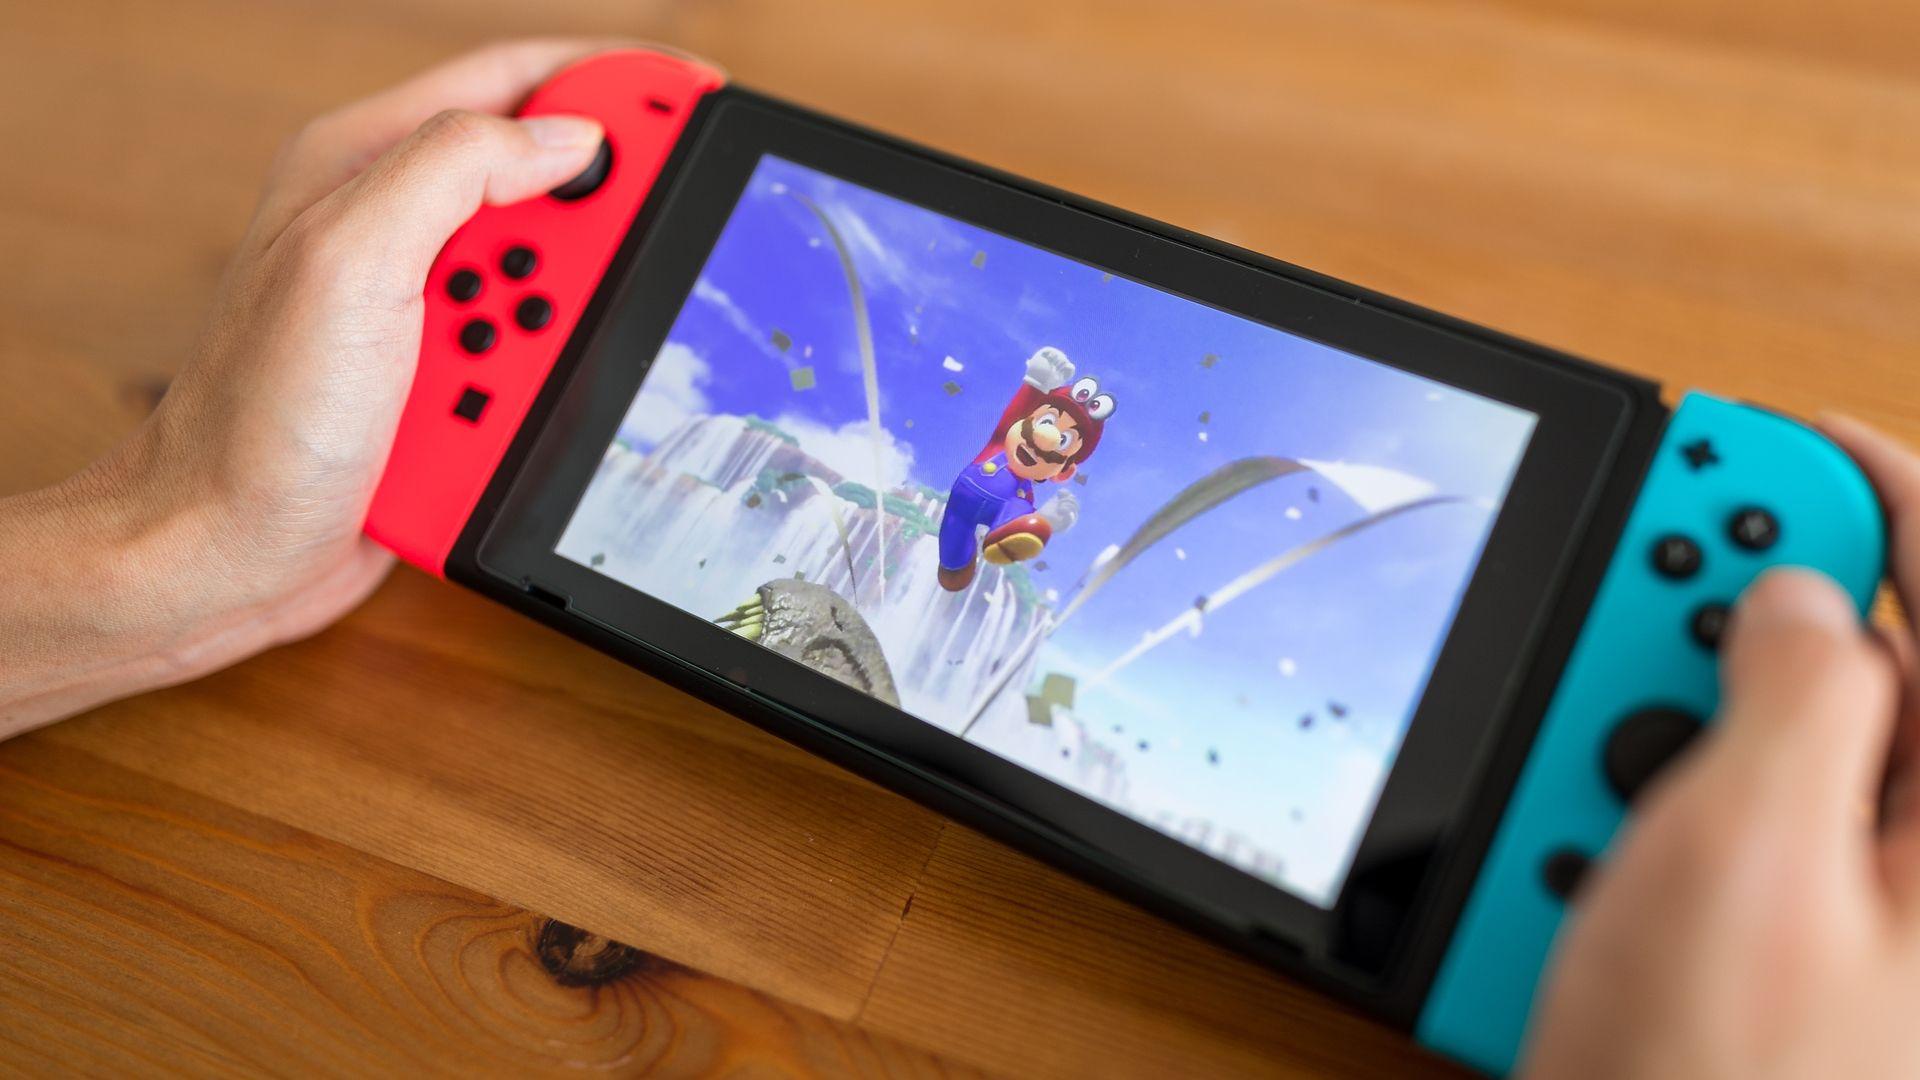 """Confira os melhores jogos de 2020 para o Nintendo Switch. (Foto: Reprodução/Shutterstock/<a href=""""https://www.shutterstock.com/pt/g/leungchopan"""">leungchopan</a>)"""